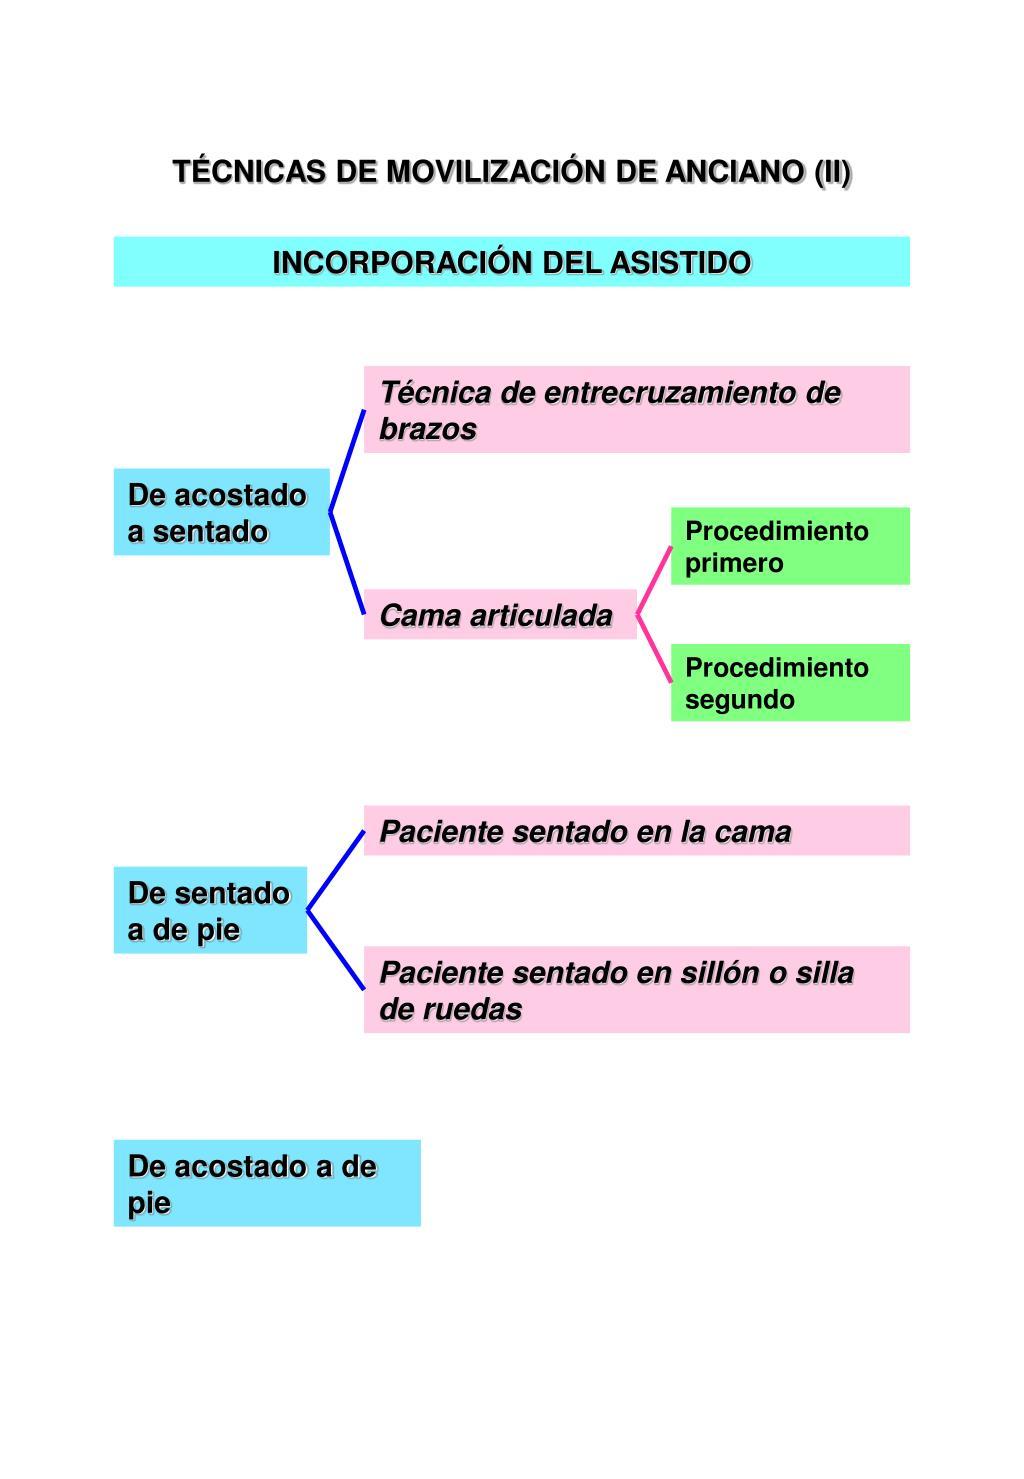 TÉCNICAS DE MOVILIZACIÓN DE ANCIANO (II)